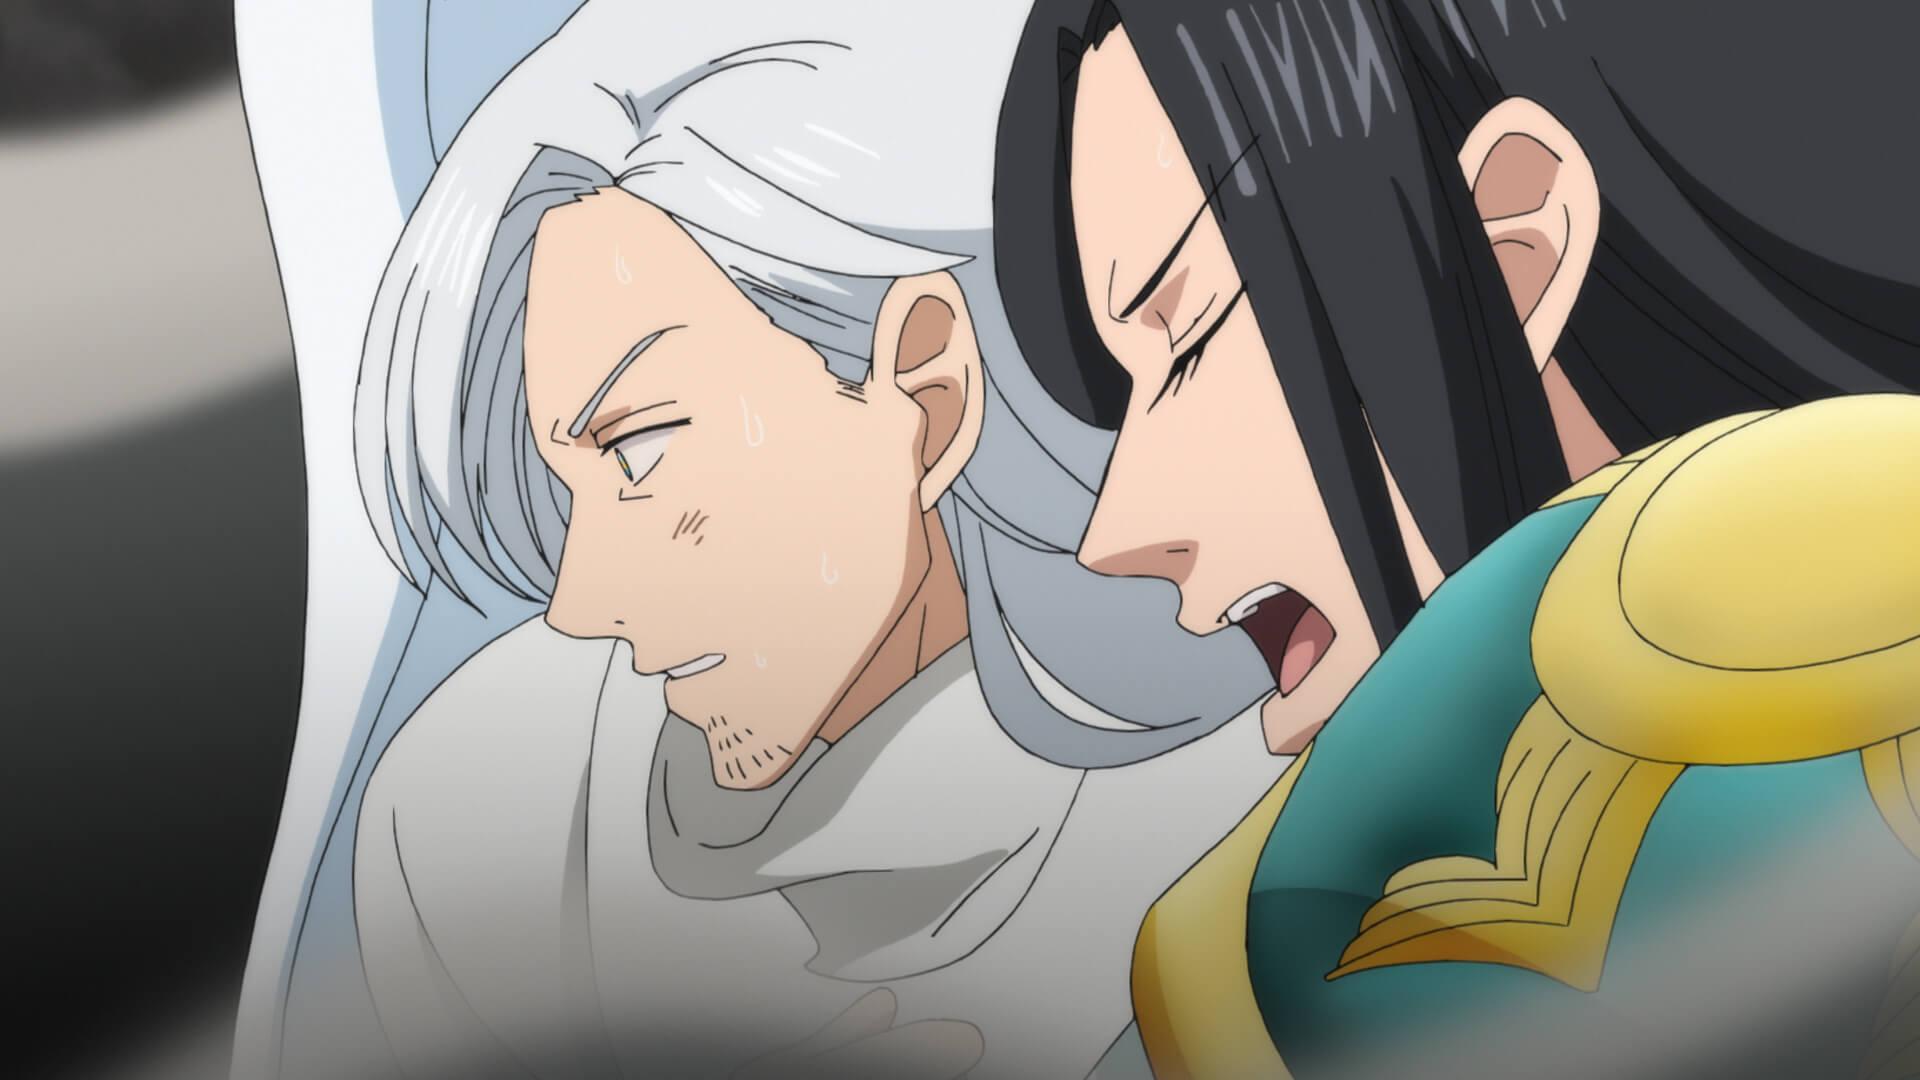 『七つの大罪4期』の第11話ネタバレ・あらすじ・感想